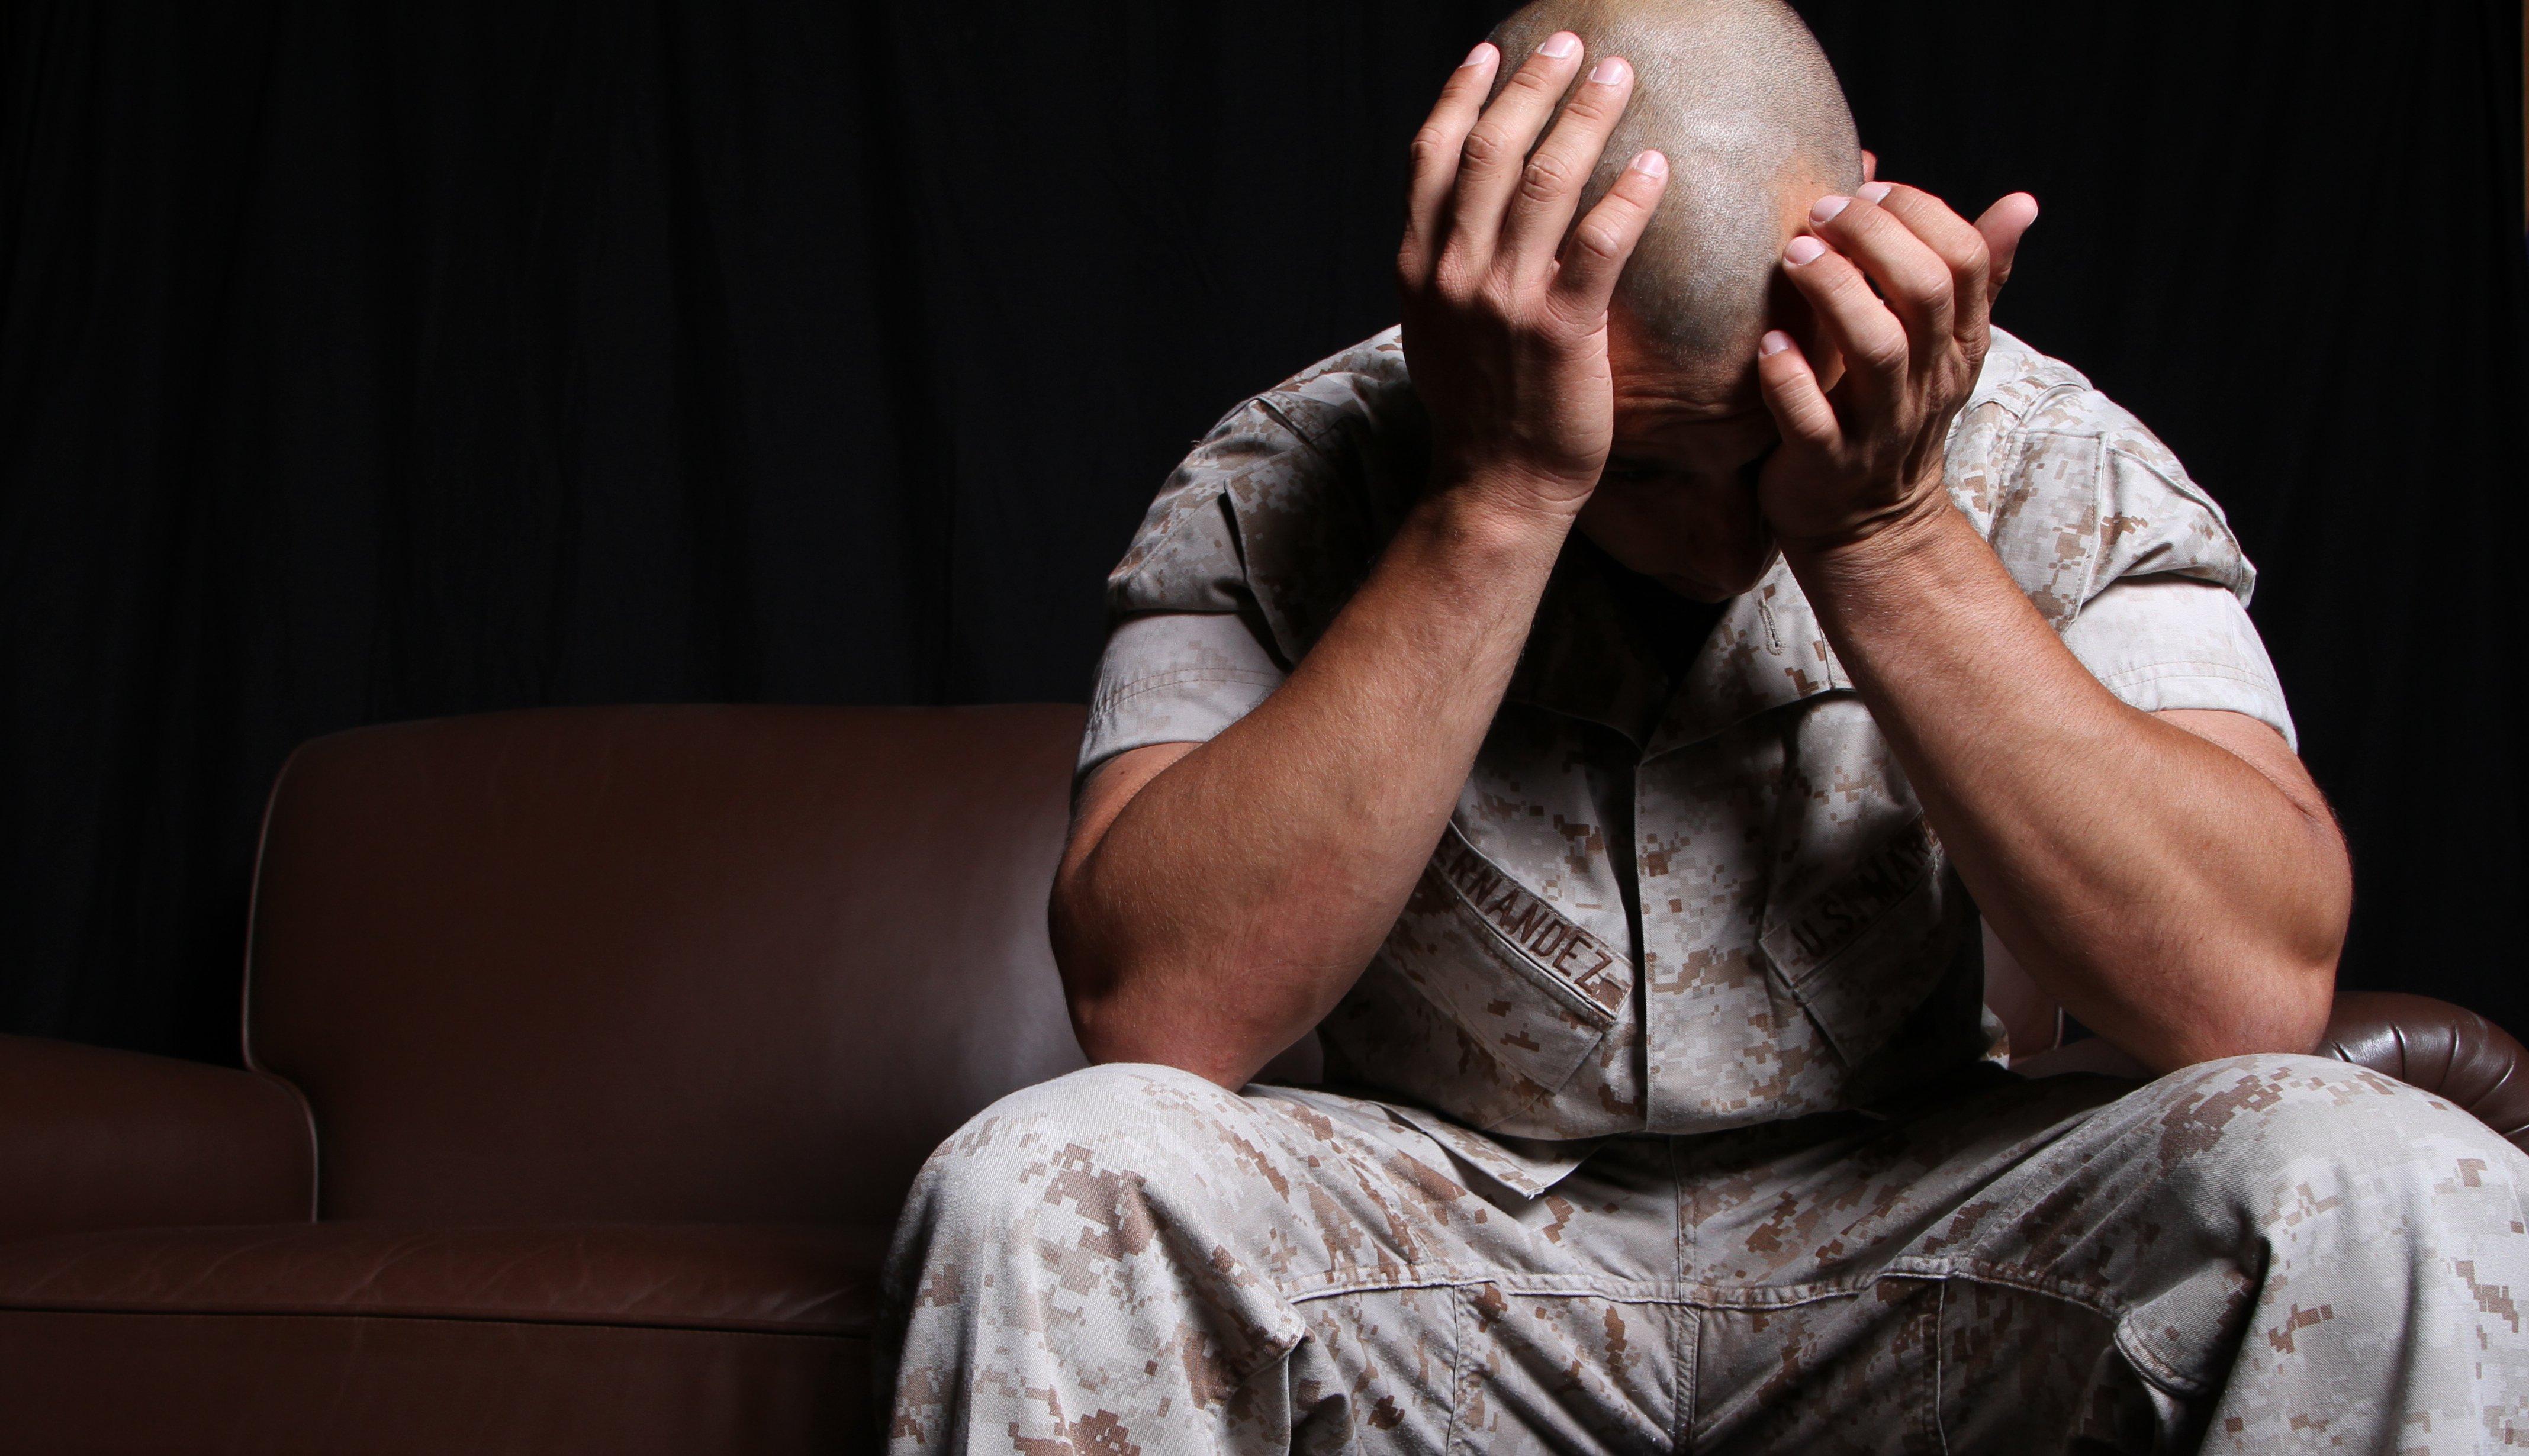 Character PTSD symptoms in gaming